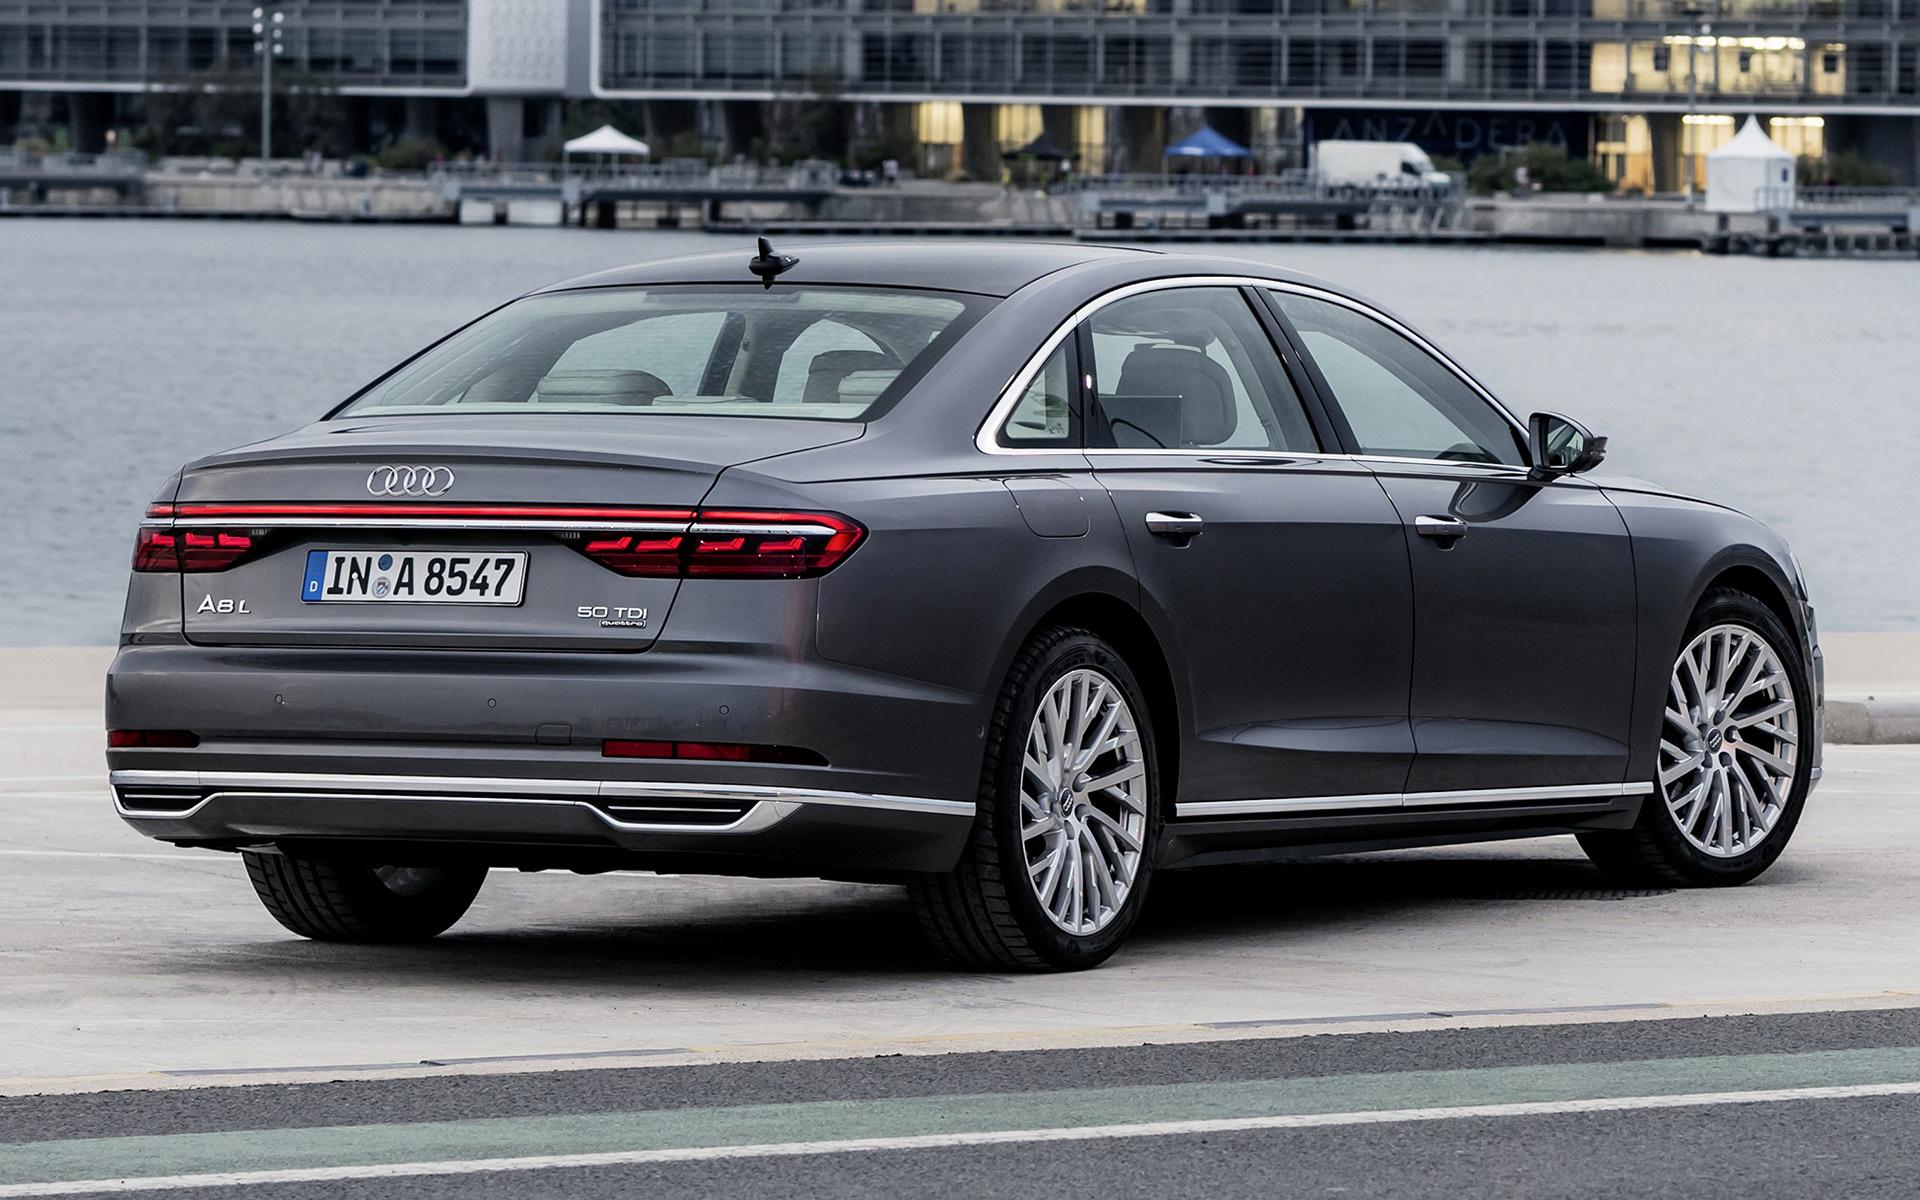 Audi A8l 2017 2018 Cars Models